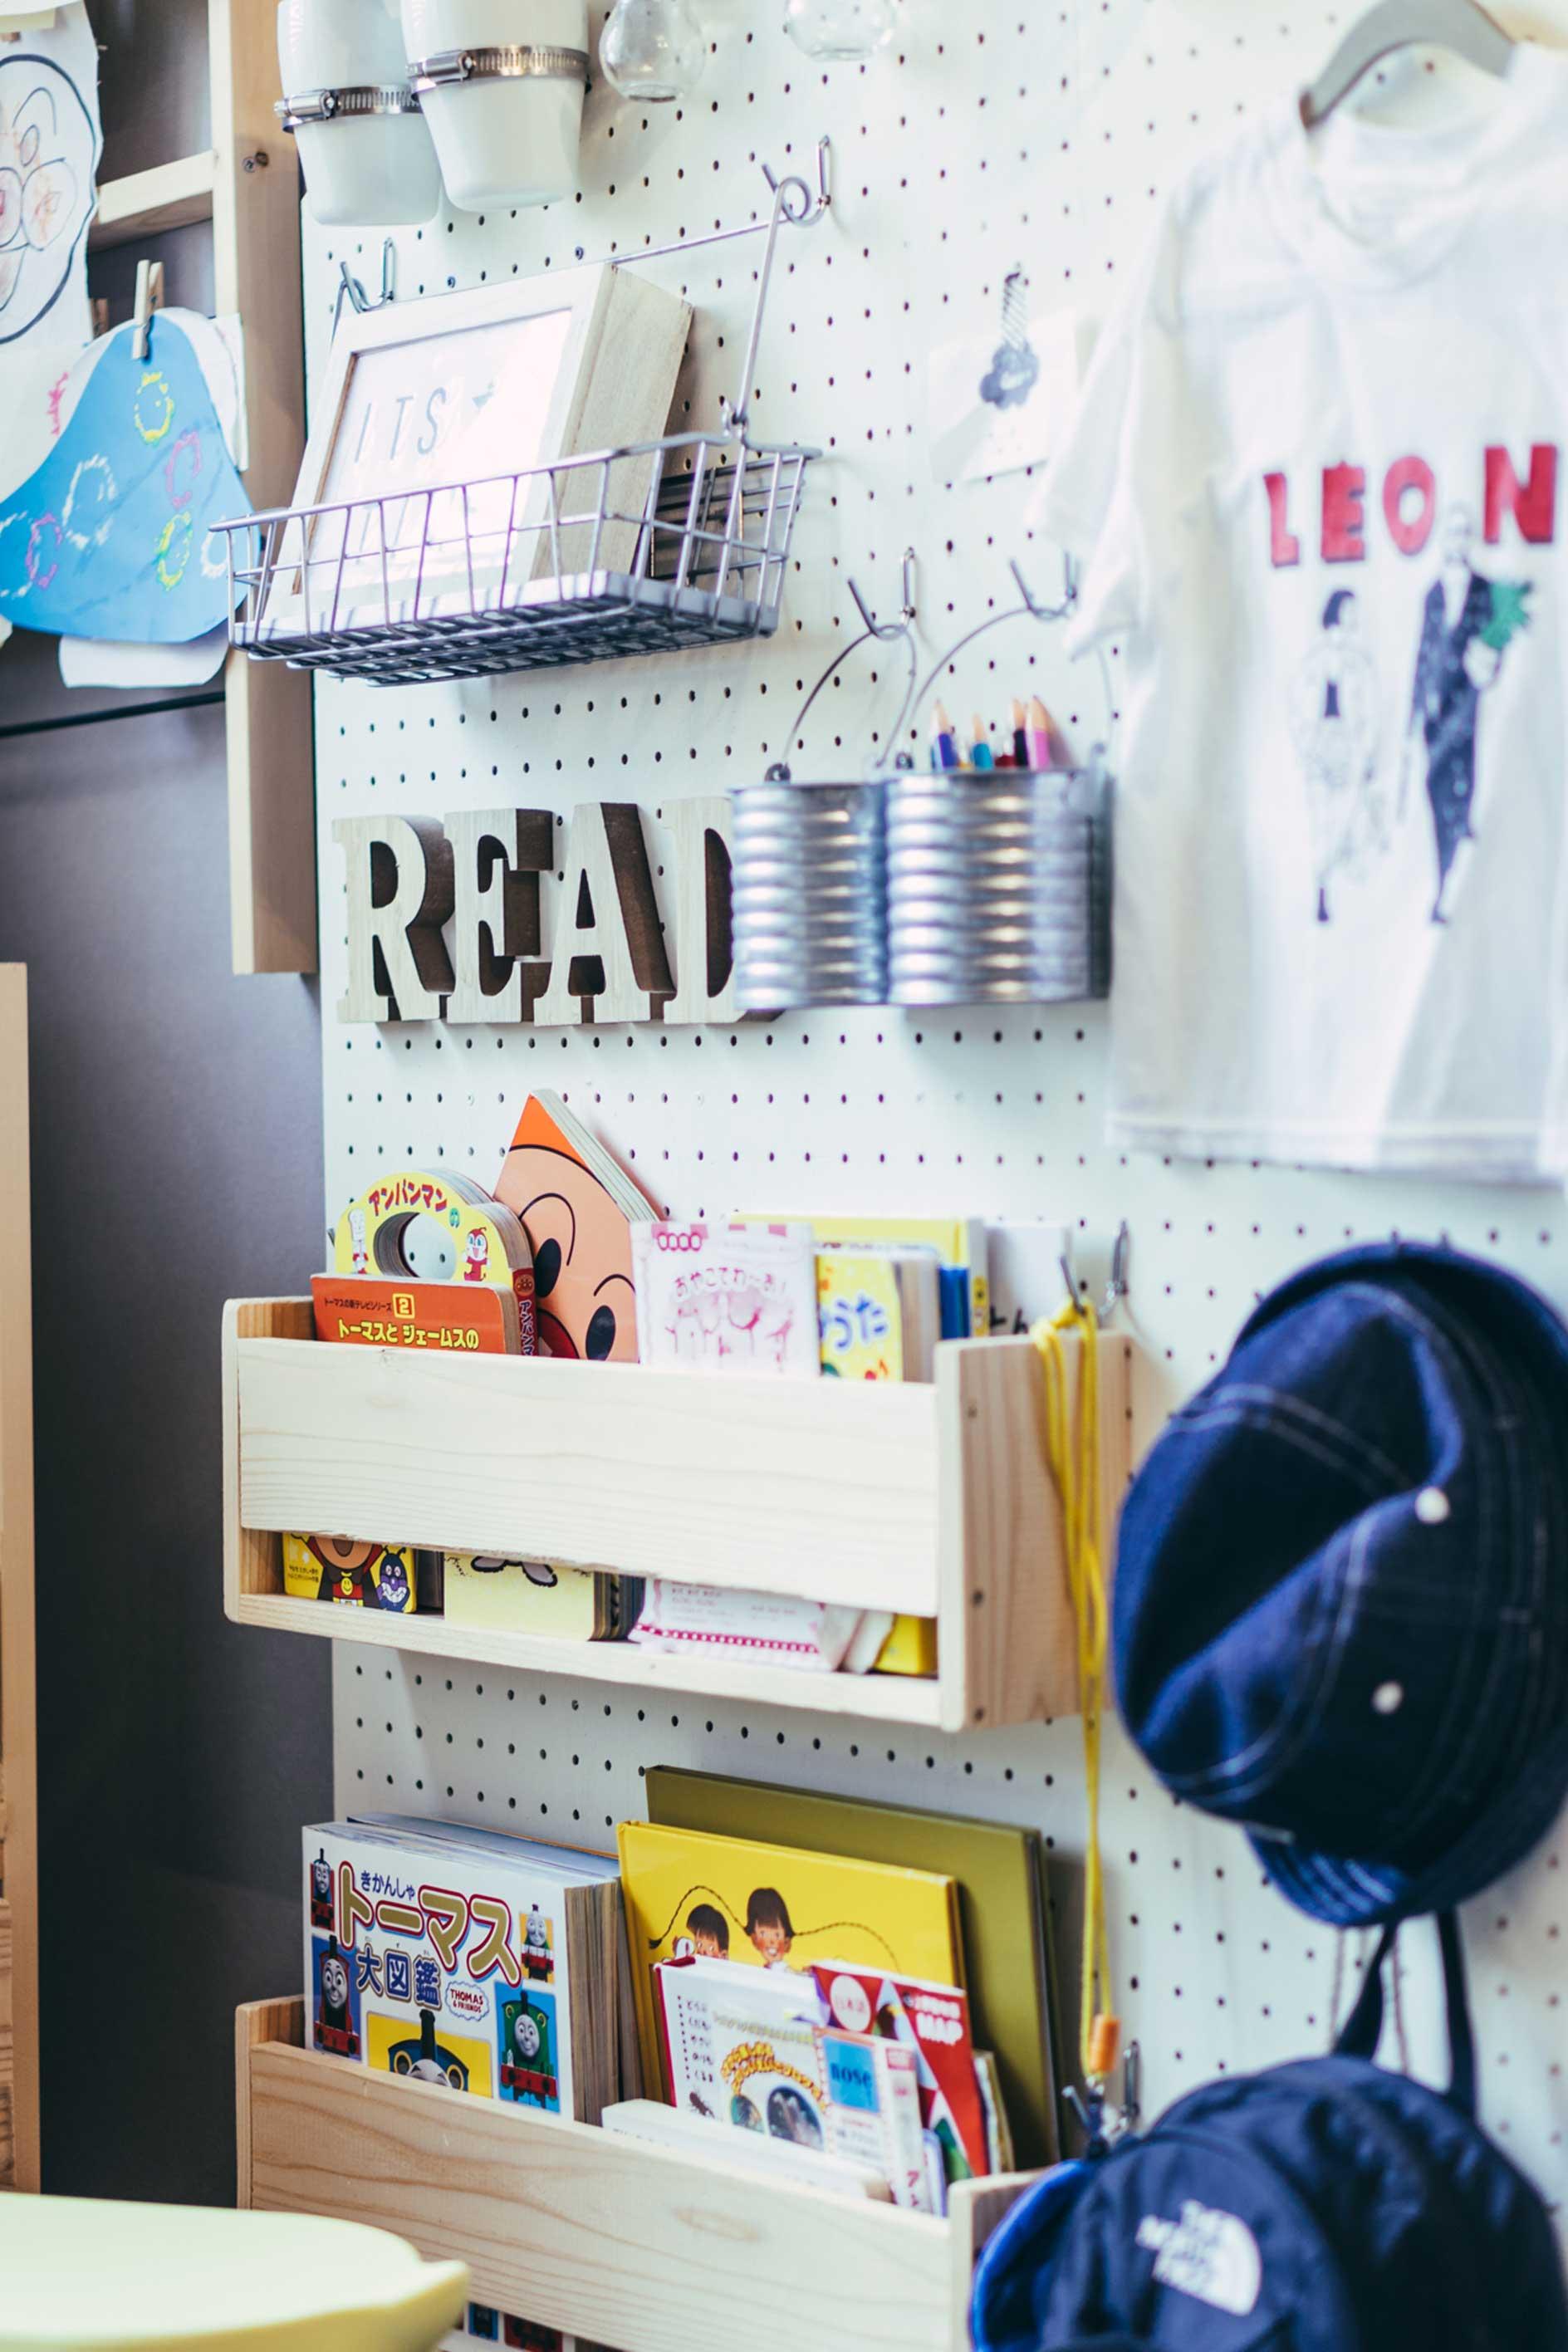 帽子はここ、カバンはここ、絵本はここ。と、しまう場所をわかりやすく見せてあげれば、自分で楽しくお片づけができるかも。(このお部屋はこちら)